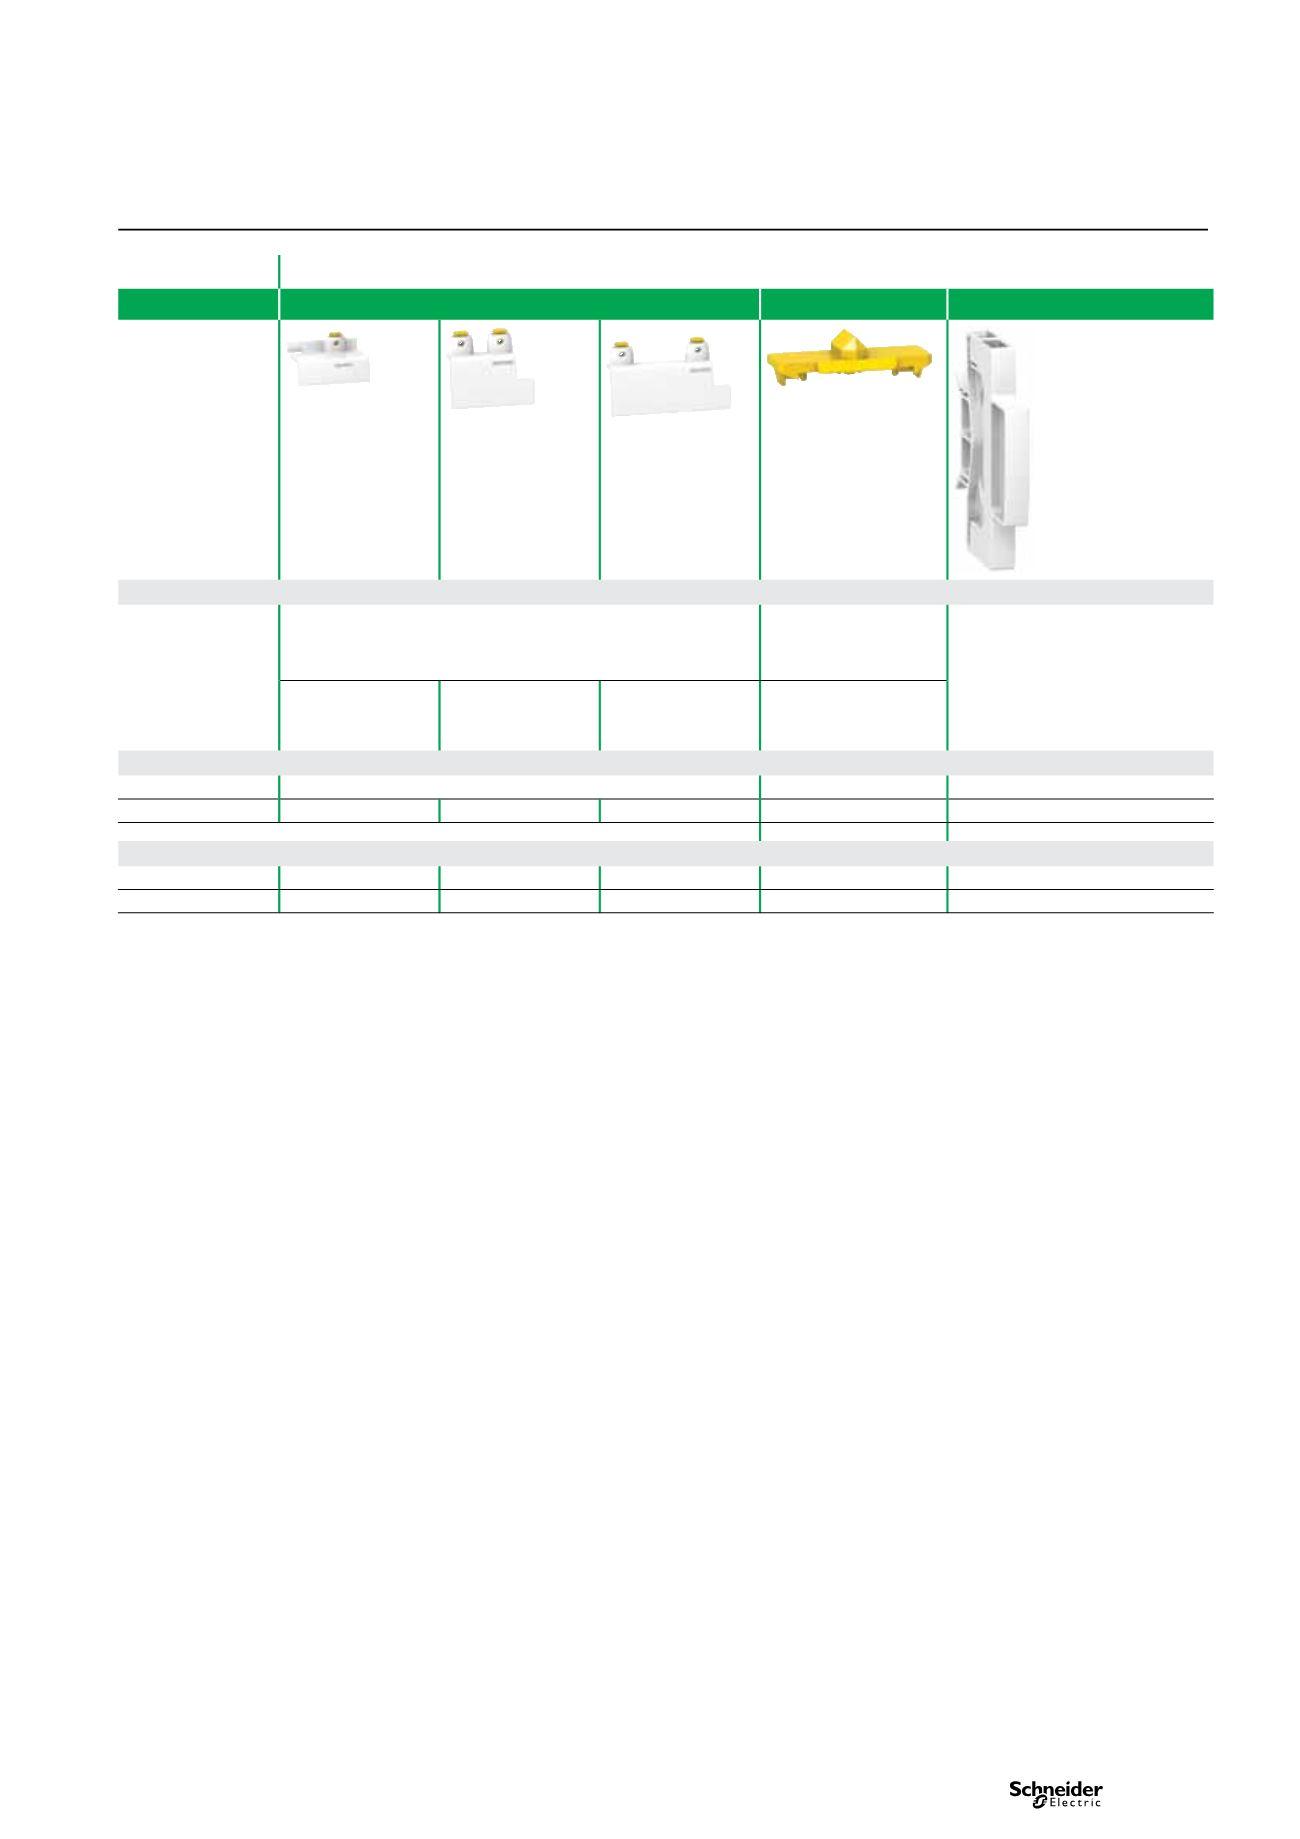 schneider ict 25a contactor wiring diagram motor startet nicht low voltage acti 9 command control 2013